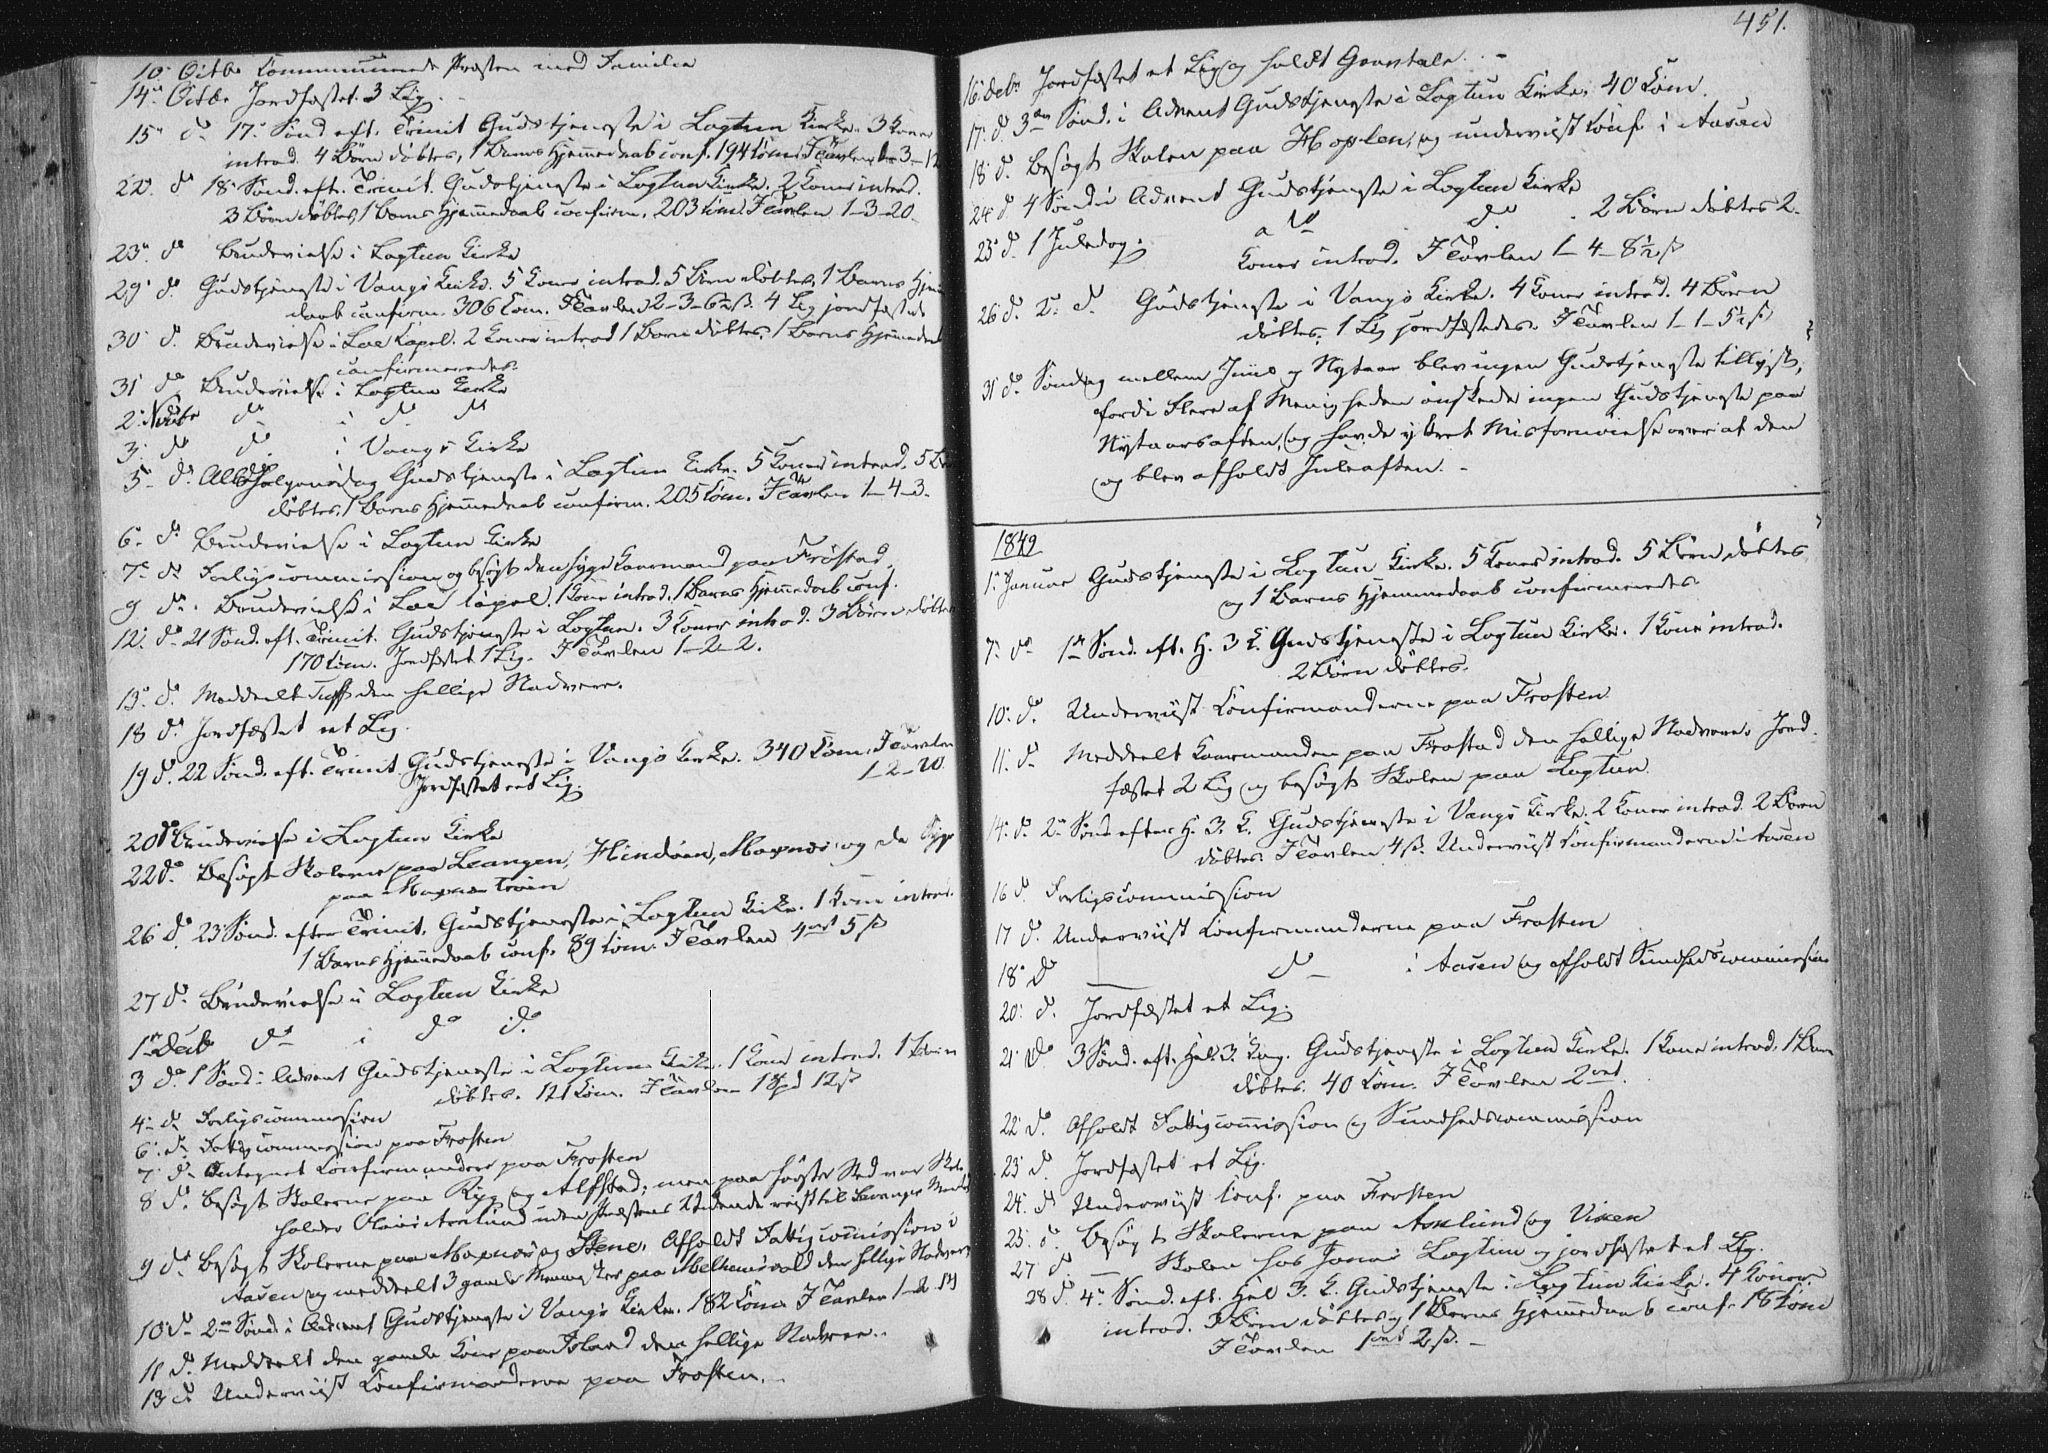 SAT, Ministerialprotokoller, klokkerbøker og fødselsregistre - Nord-Trøndelag, 713/L0115: Ministerialbok nr. 713A06, 1838-1851, s. 451